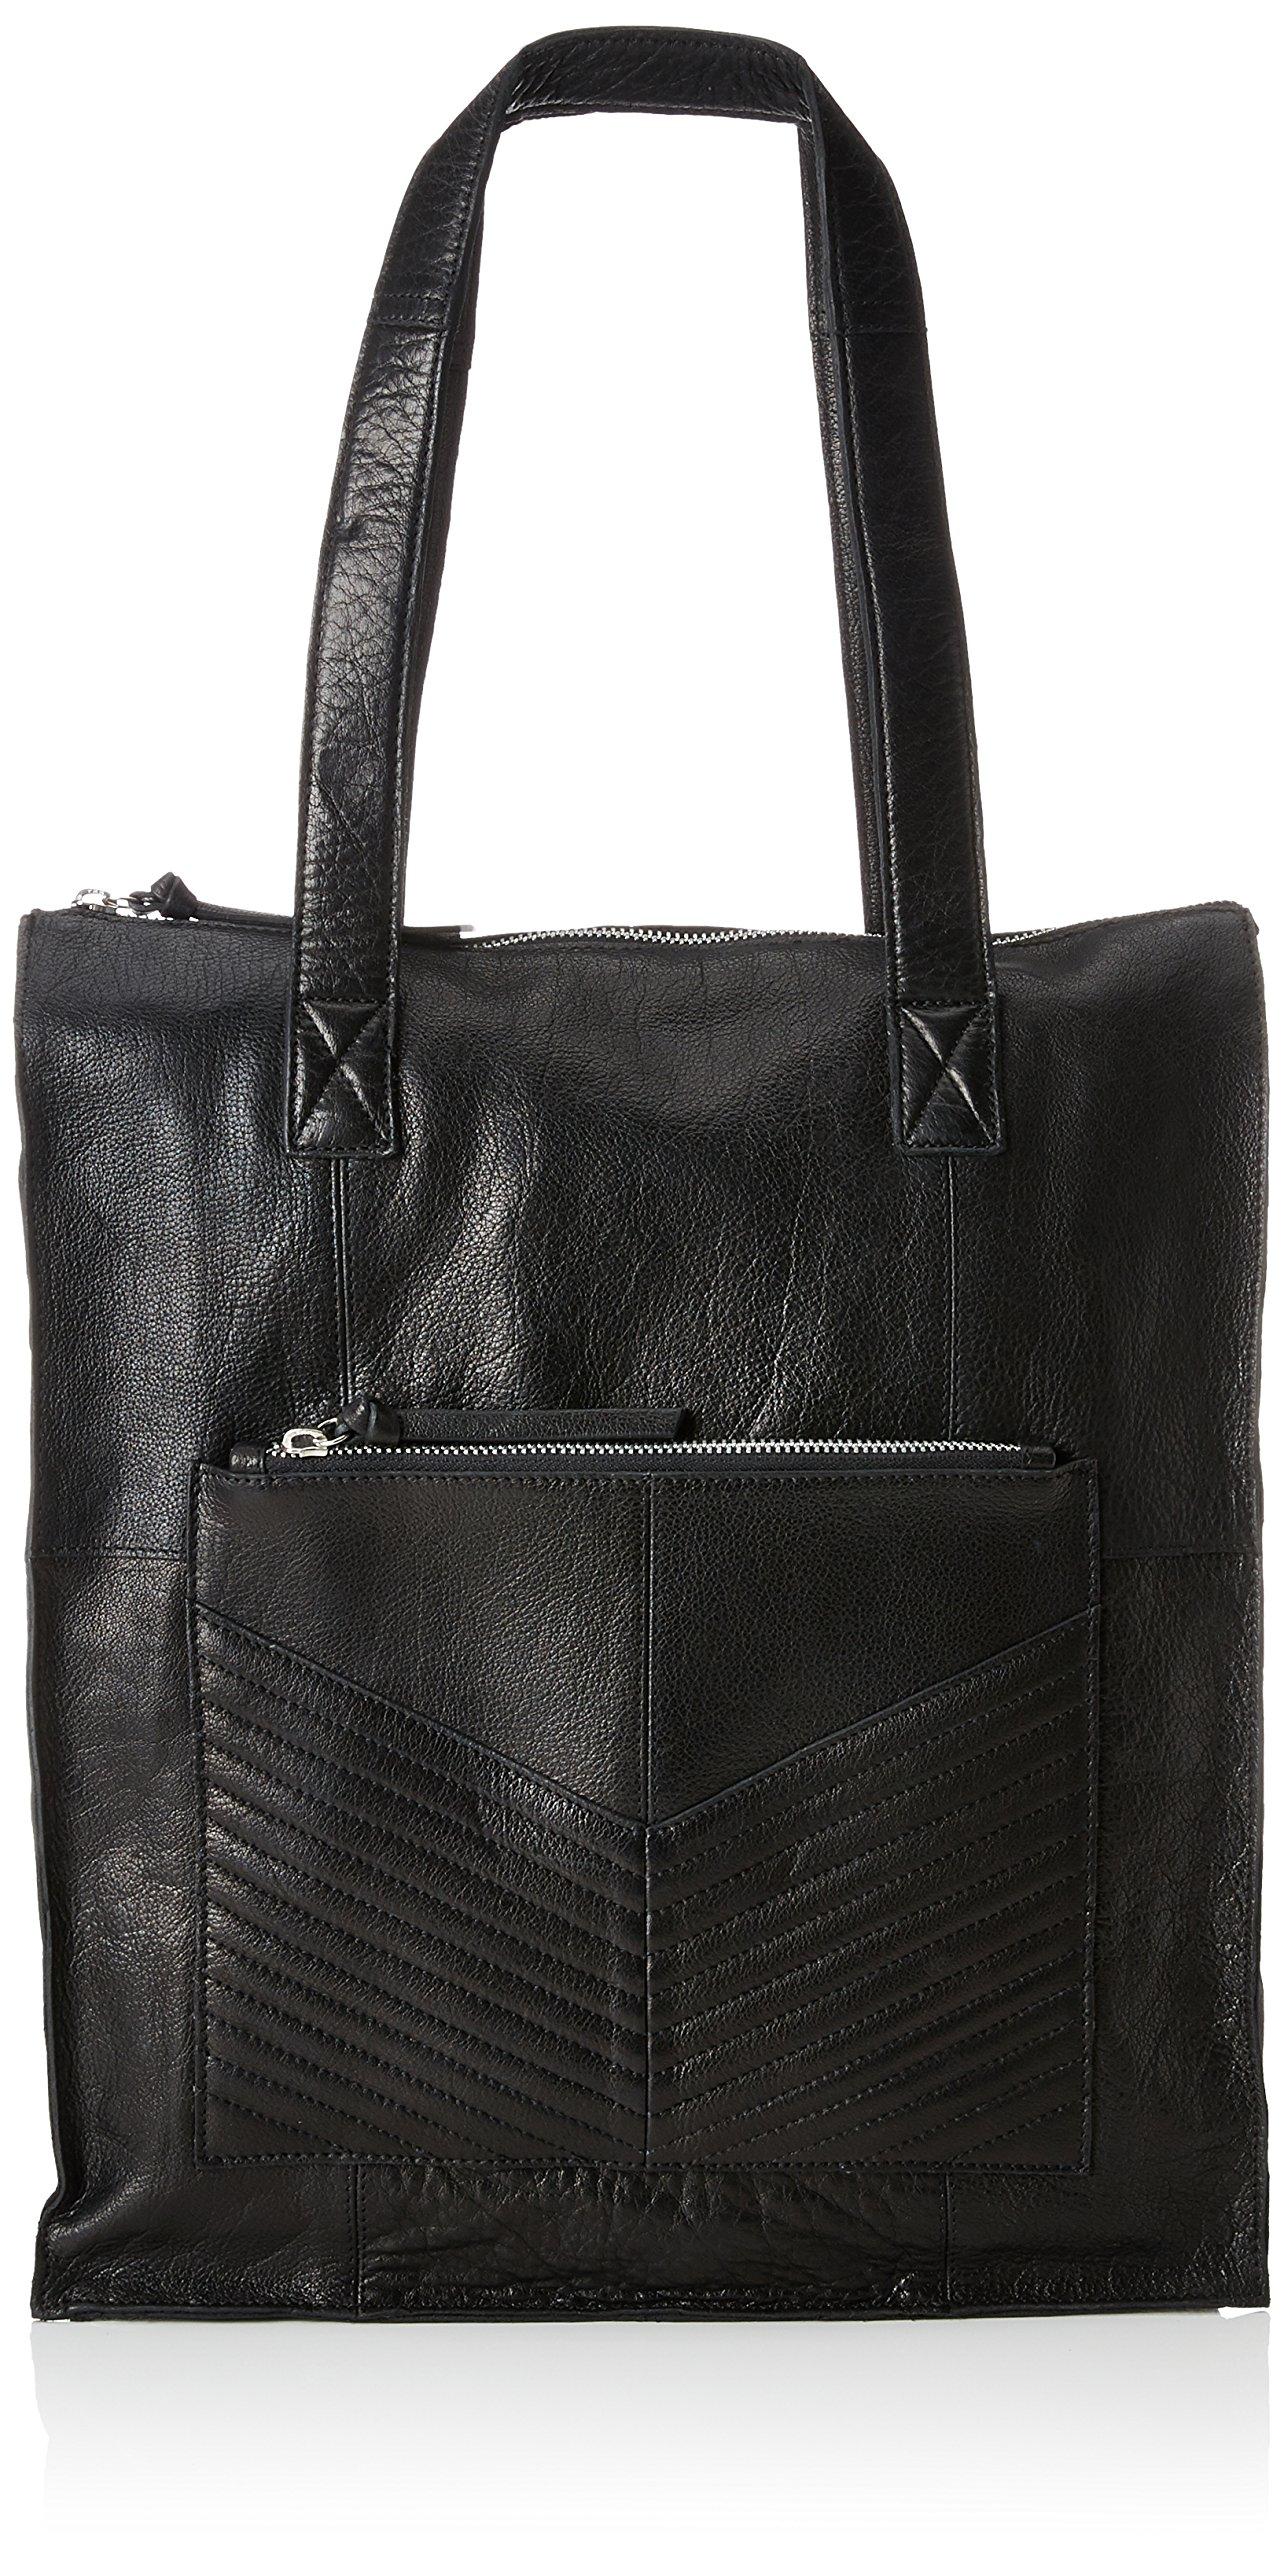 ShopperSacs Cmb X Pieces H Pcdiana Épaule Portés Leather FemmeNoirblack12x40x30 T j45RL3cAq